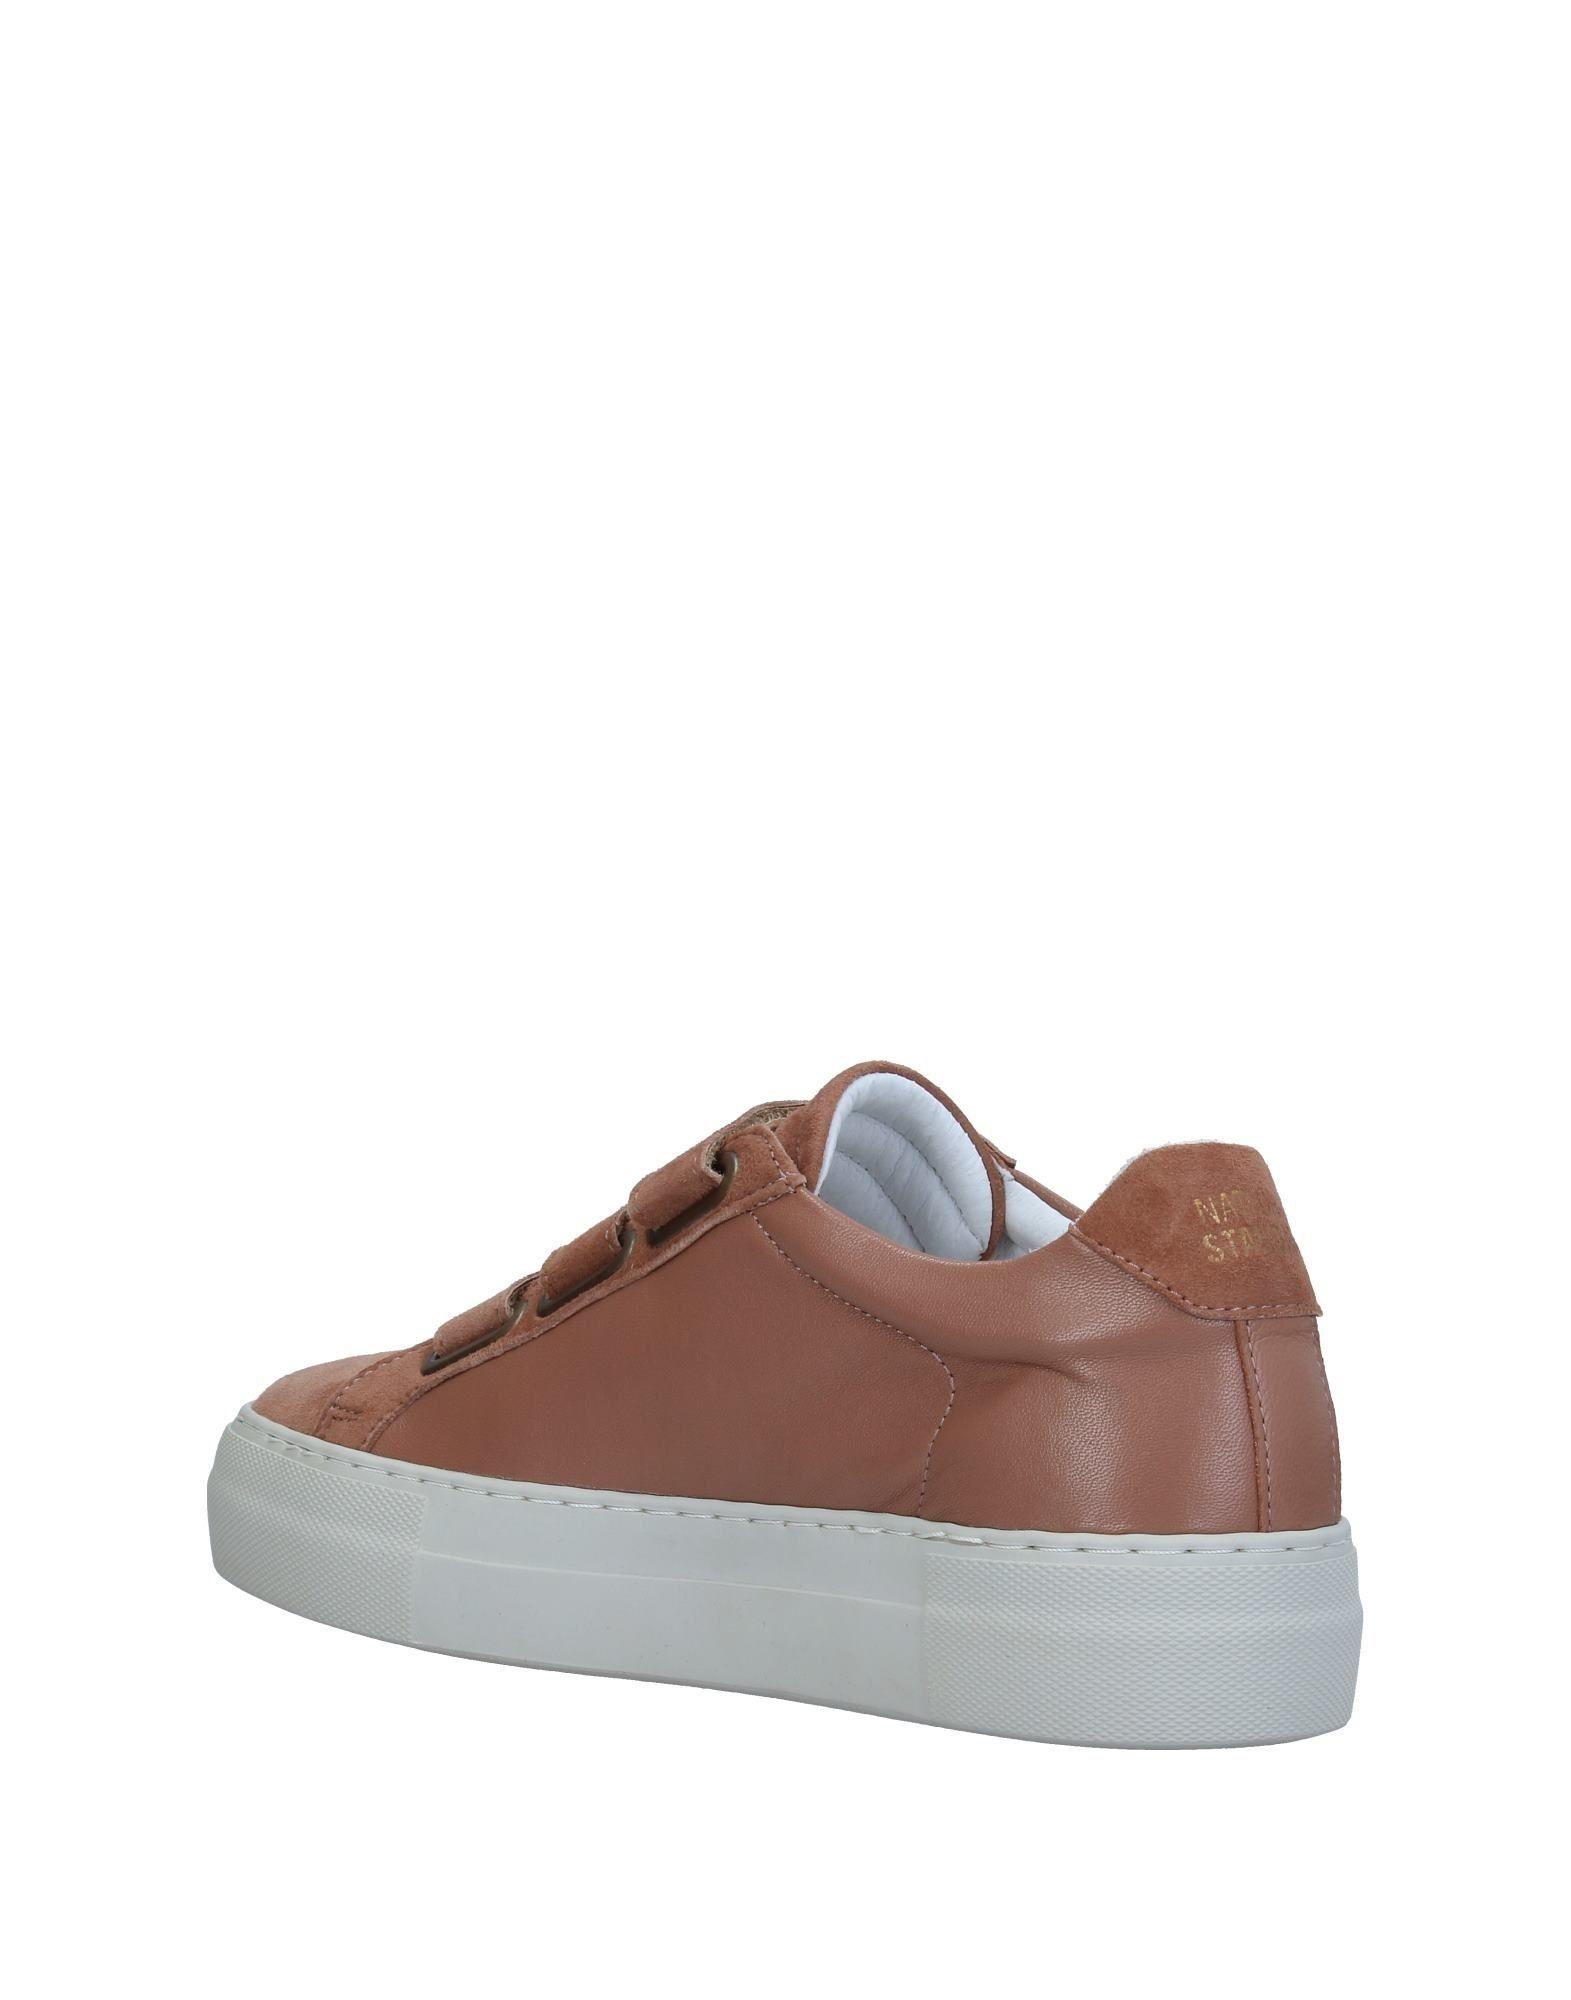 National Standard Sneakers Damen  11364255GA Gute Qualität Schuhe beliebte Schuhe Qualität 5ccd7c